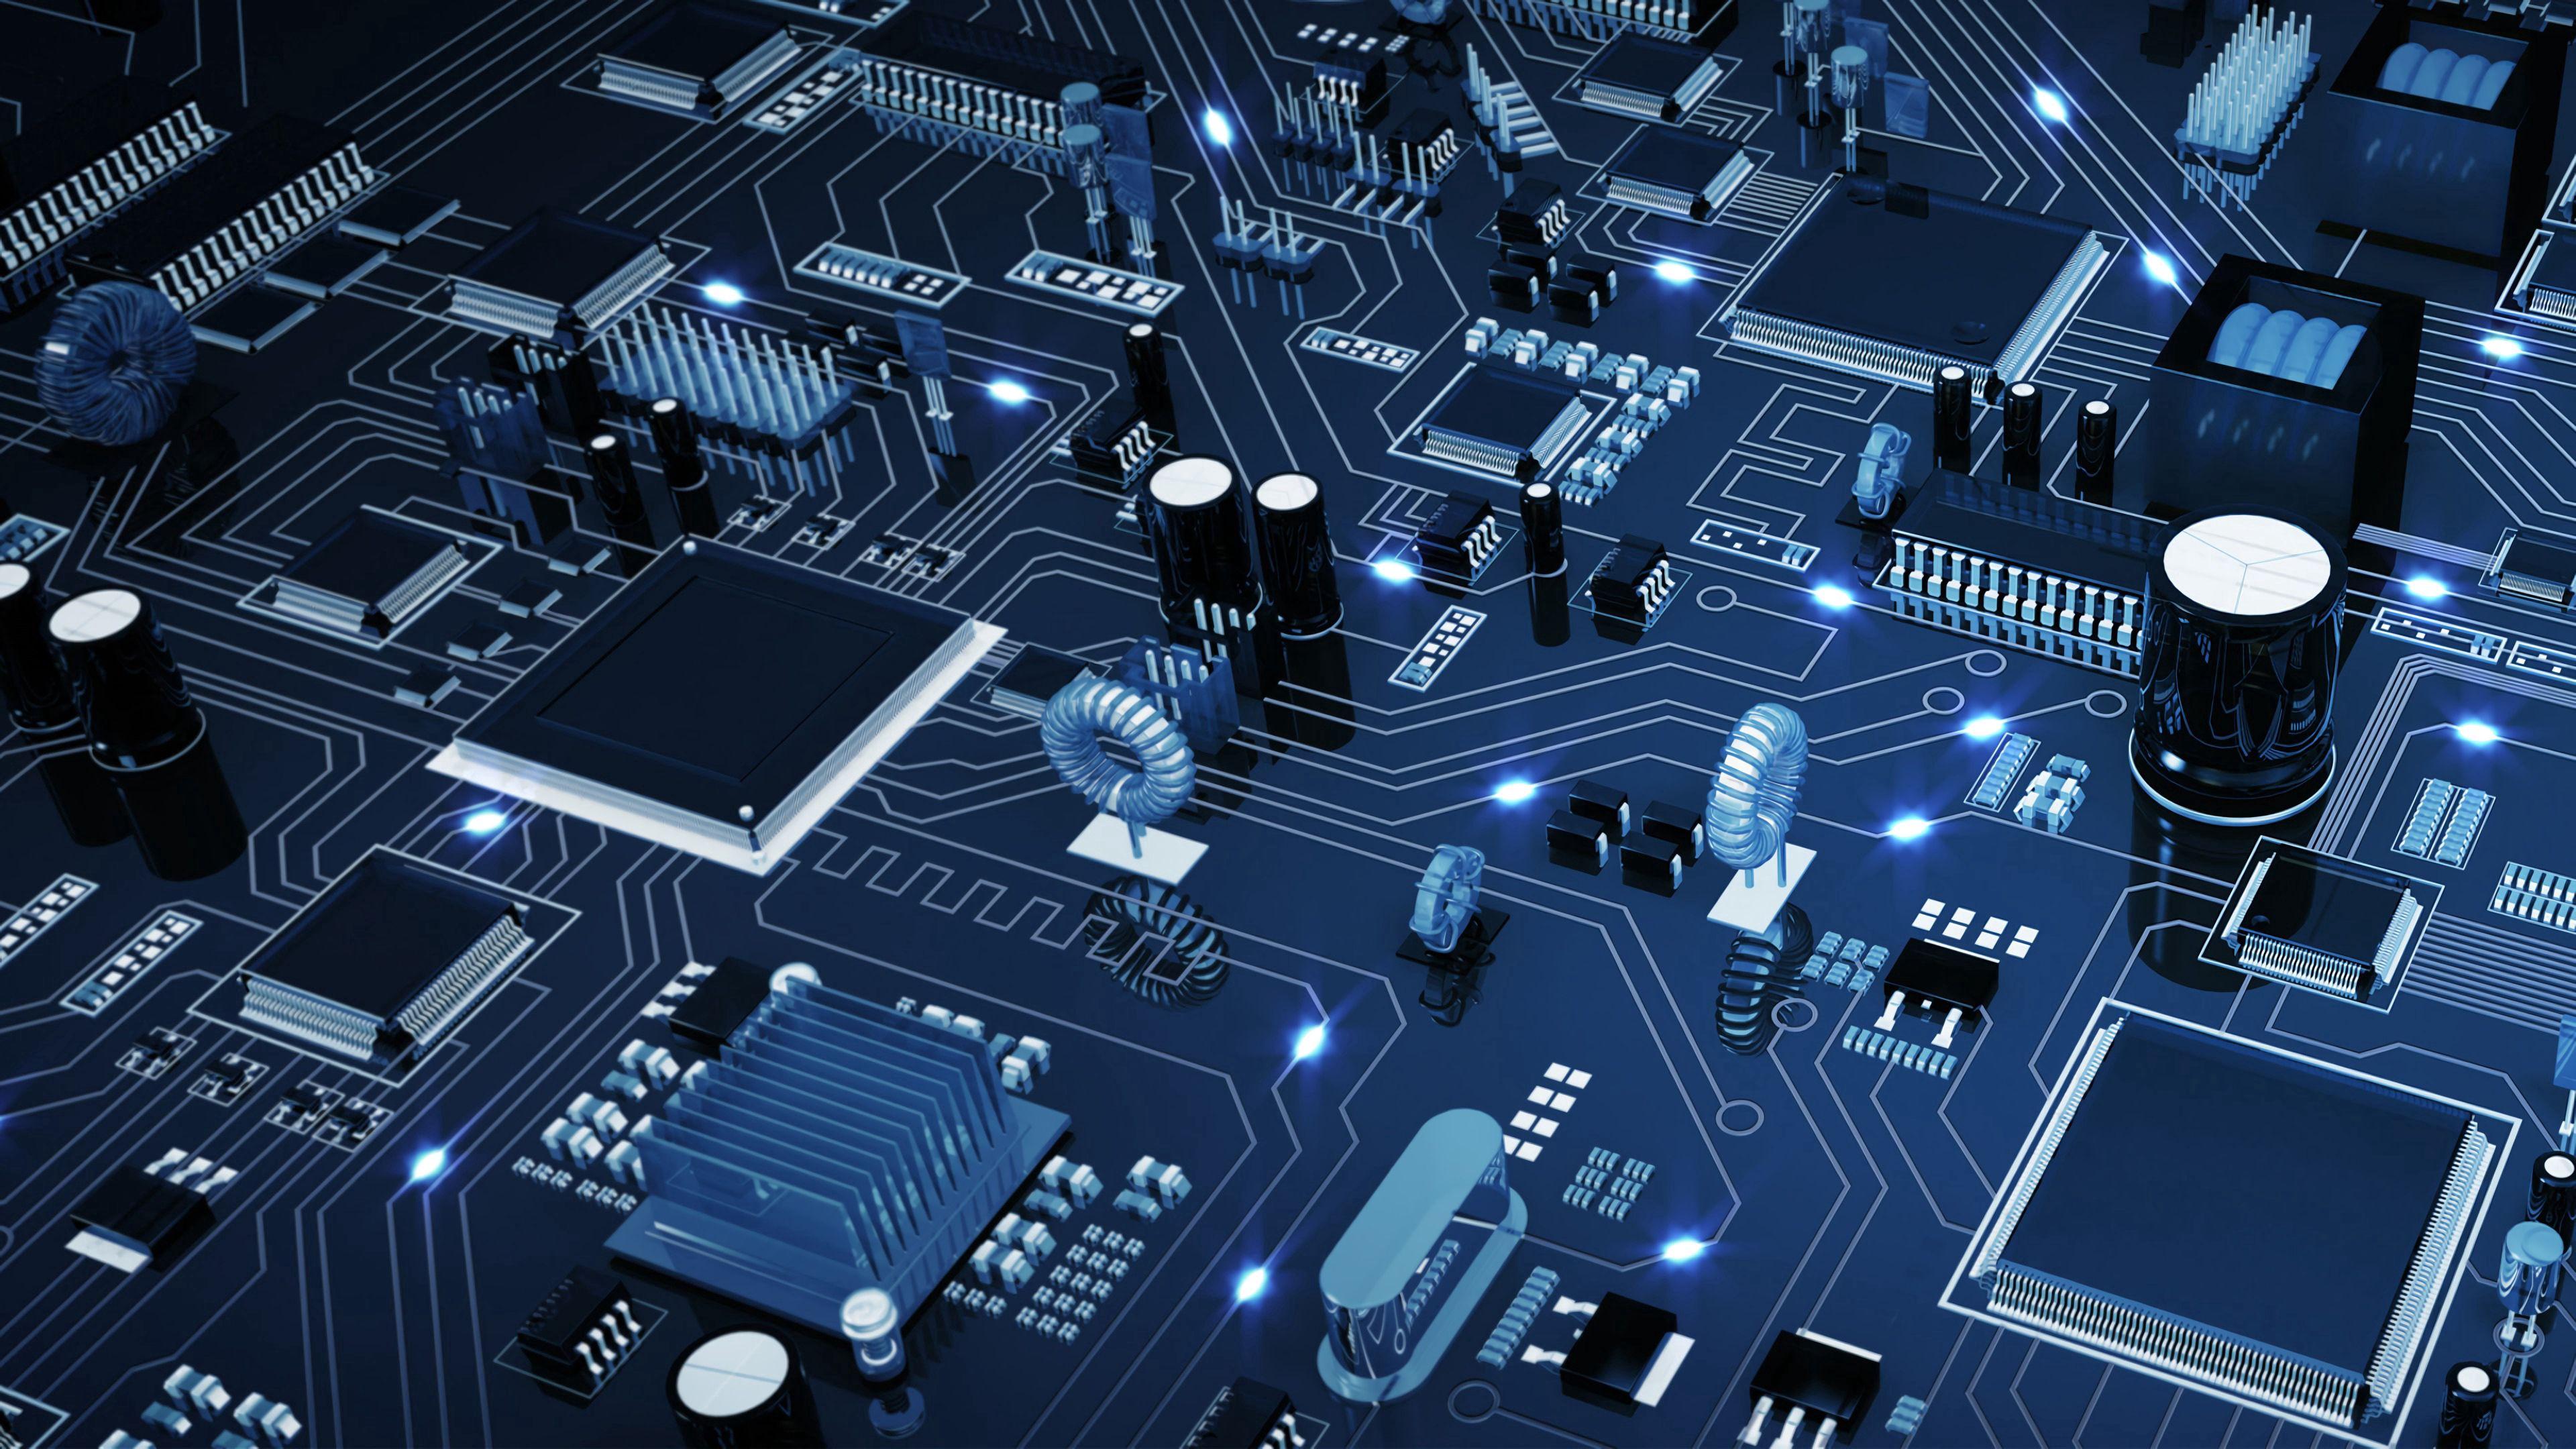 142546 Hintergrundbild herunterladen Verschiedenes, Sonstige, Chip, Prozessor, Zentralprozessor, Planen, Schema, Elektronik - Bildschirmschoner und Bilder kostenlos